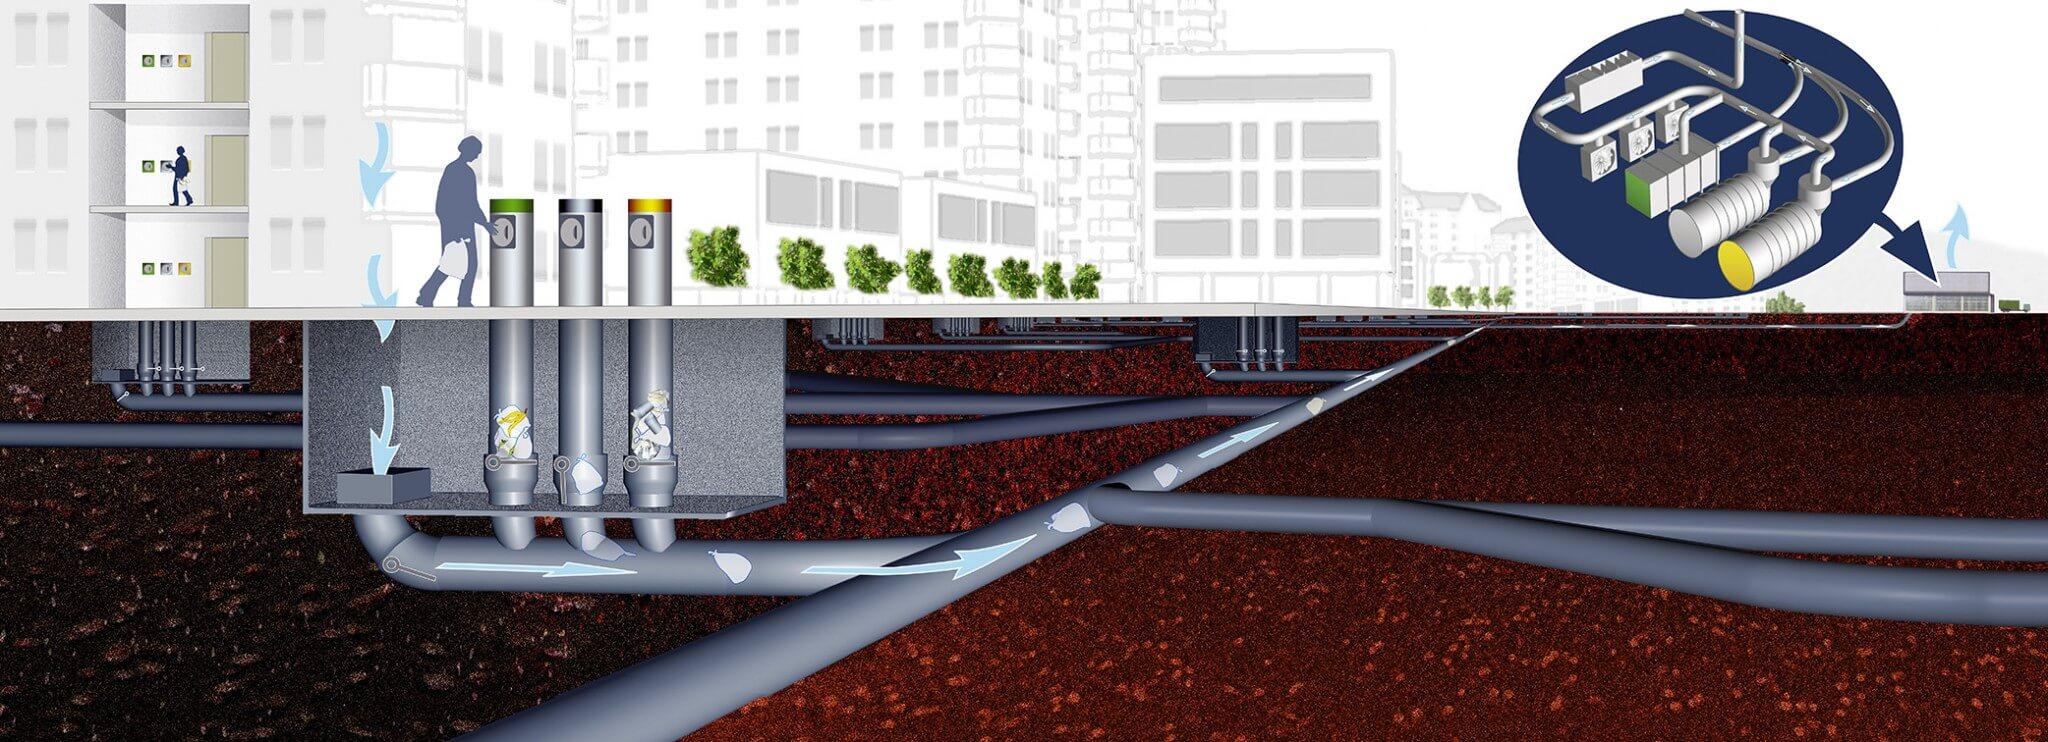 Na Suécia, o lixo é armazenado por um certo tempo; quando fica cheio, vai para reciclagem através de uma rede de tubos subterrâneos. (Foto: Envac)